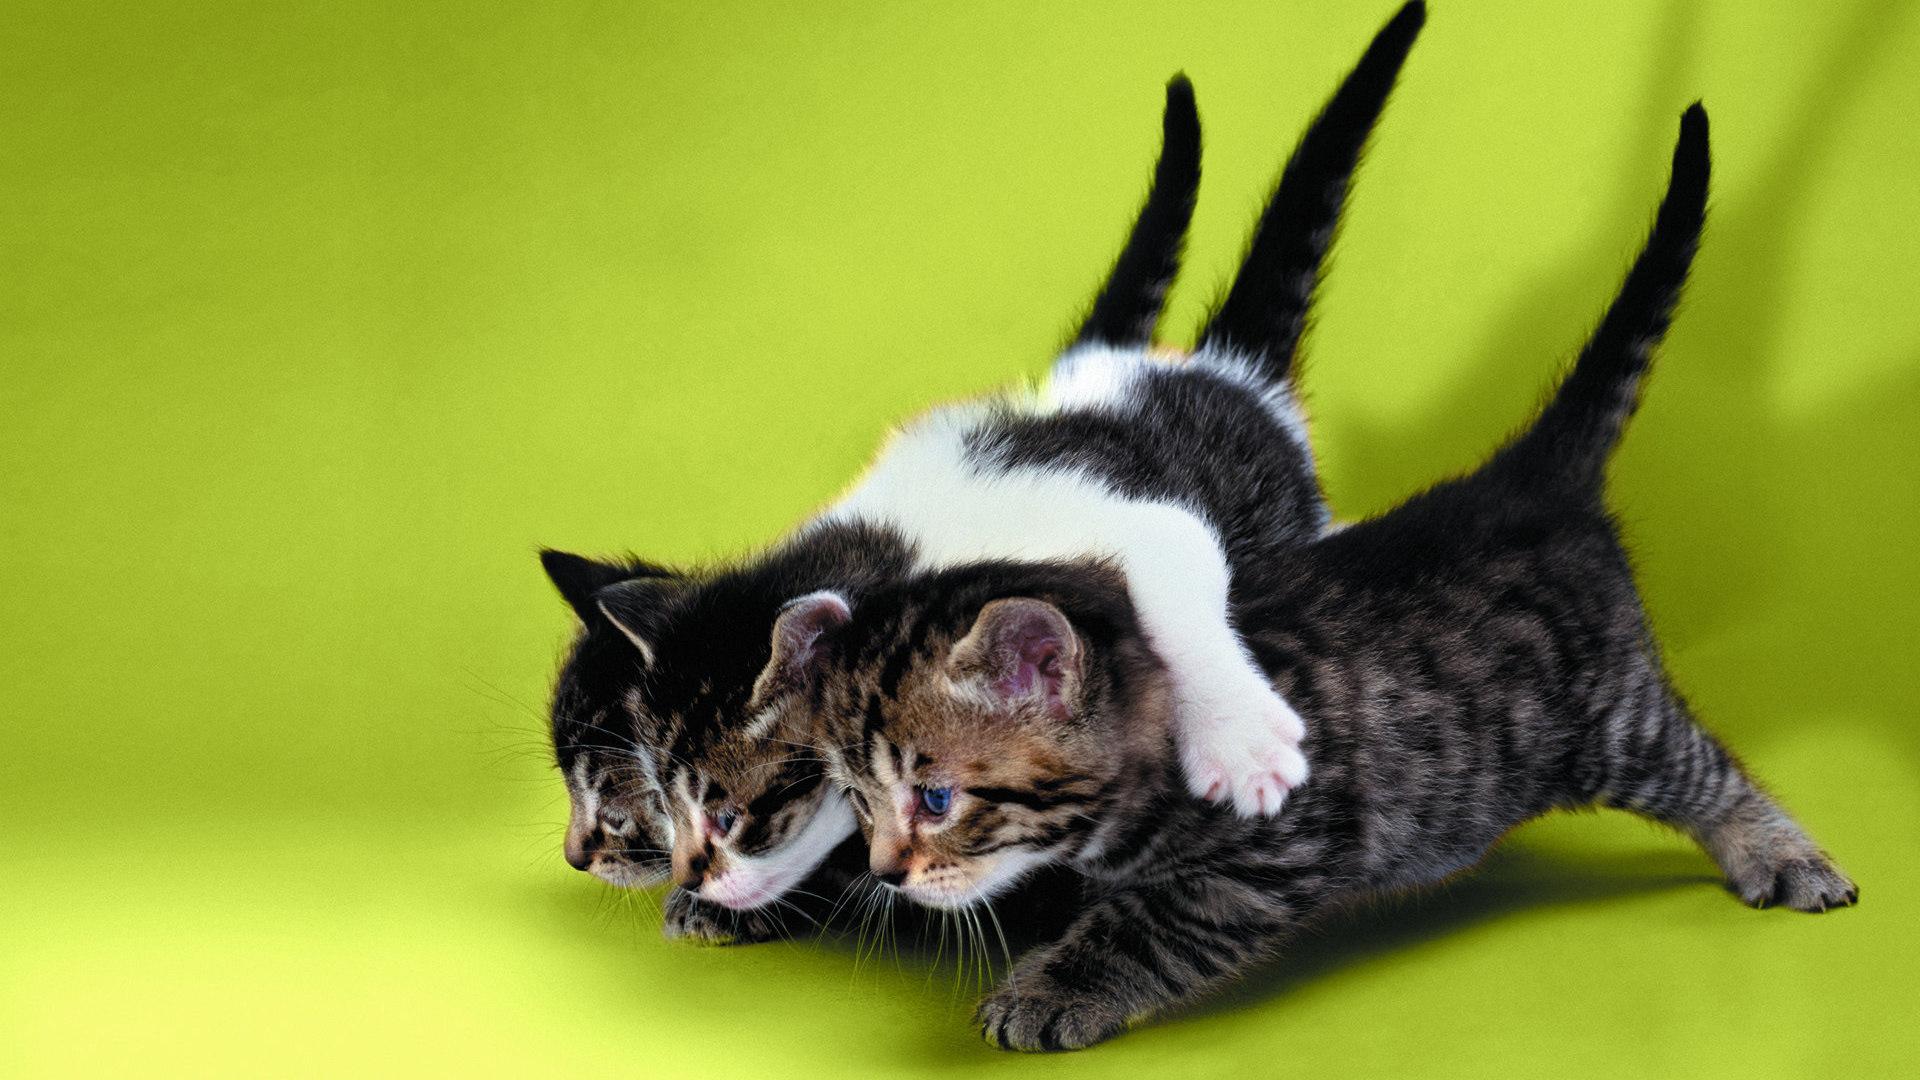 картинки на рабочий стол смешные коты